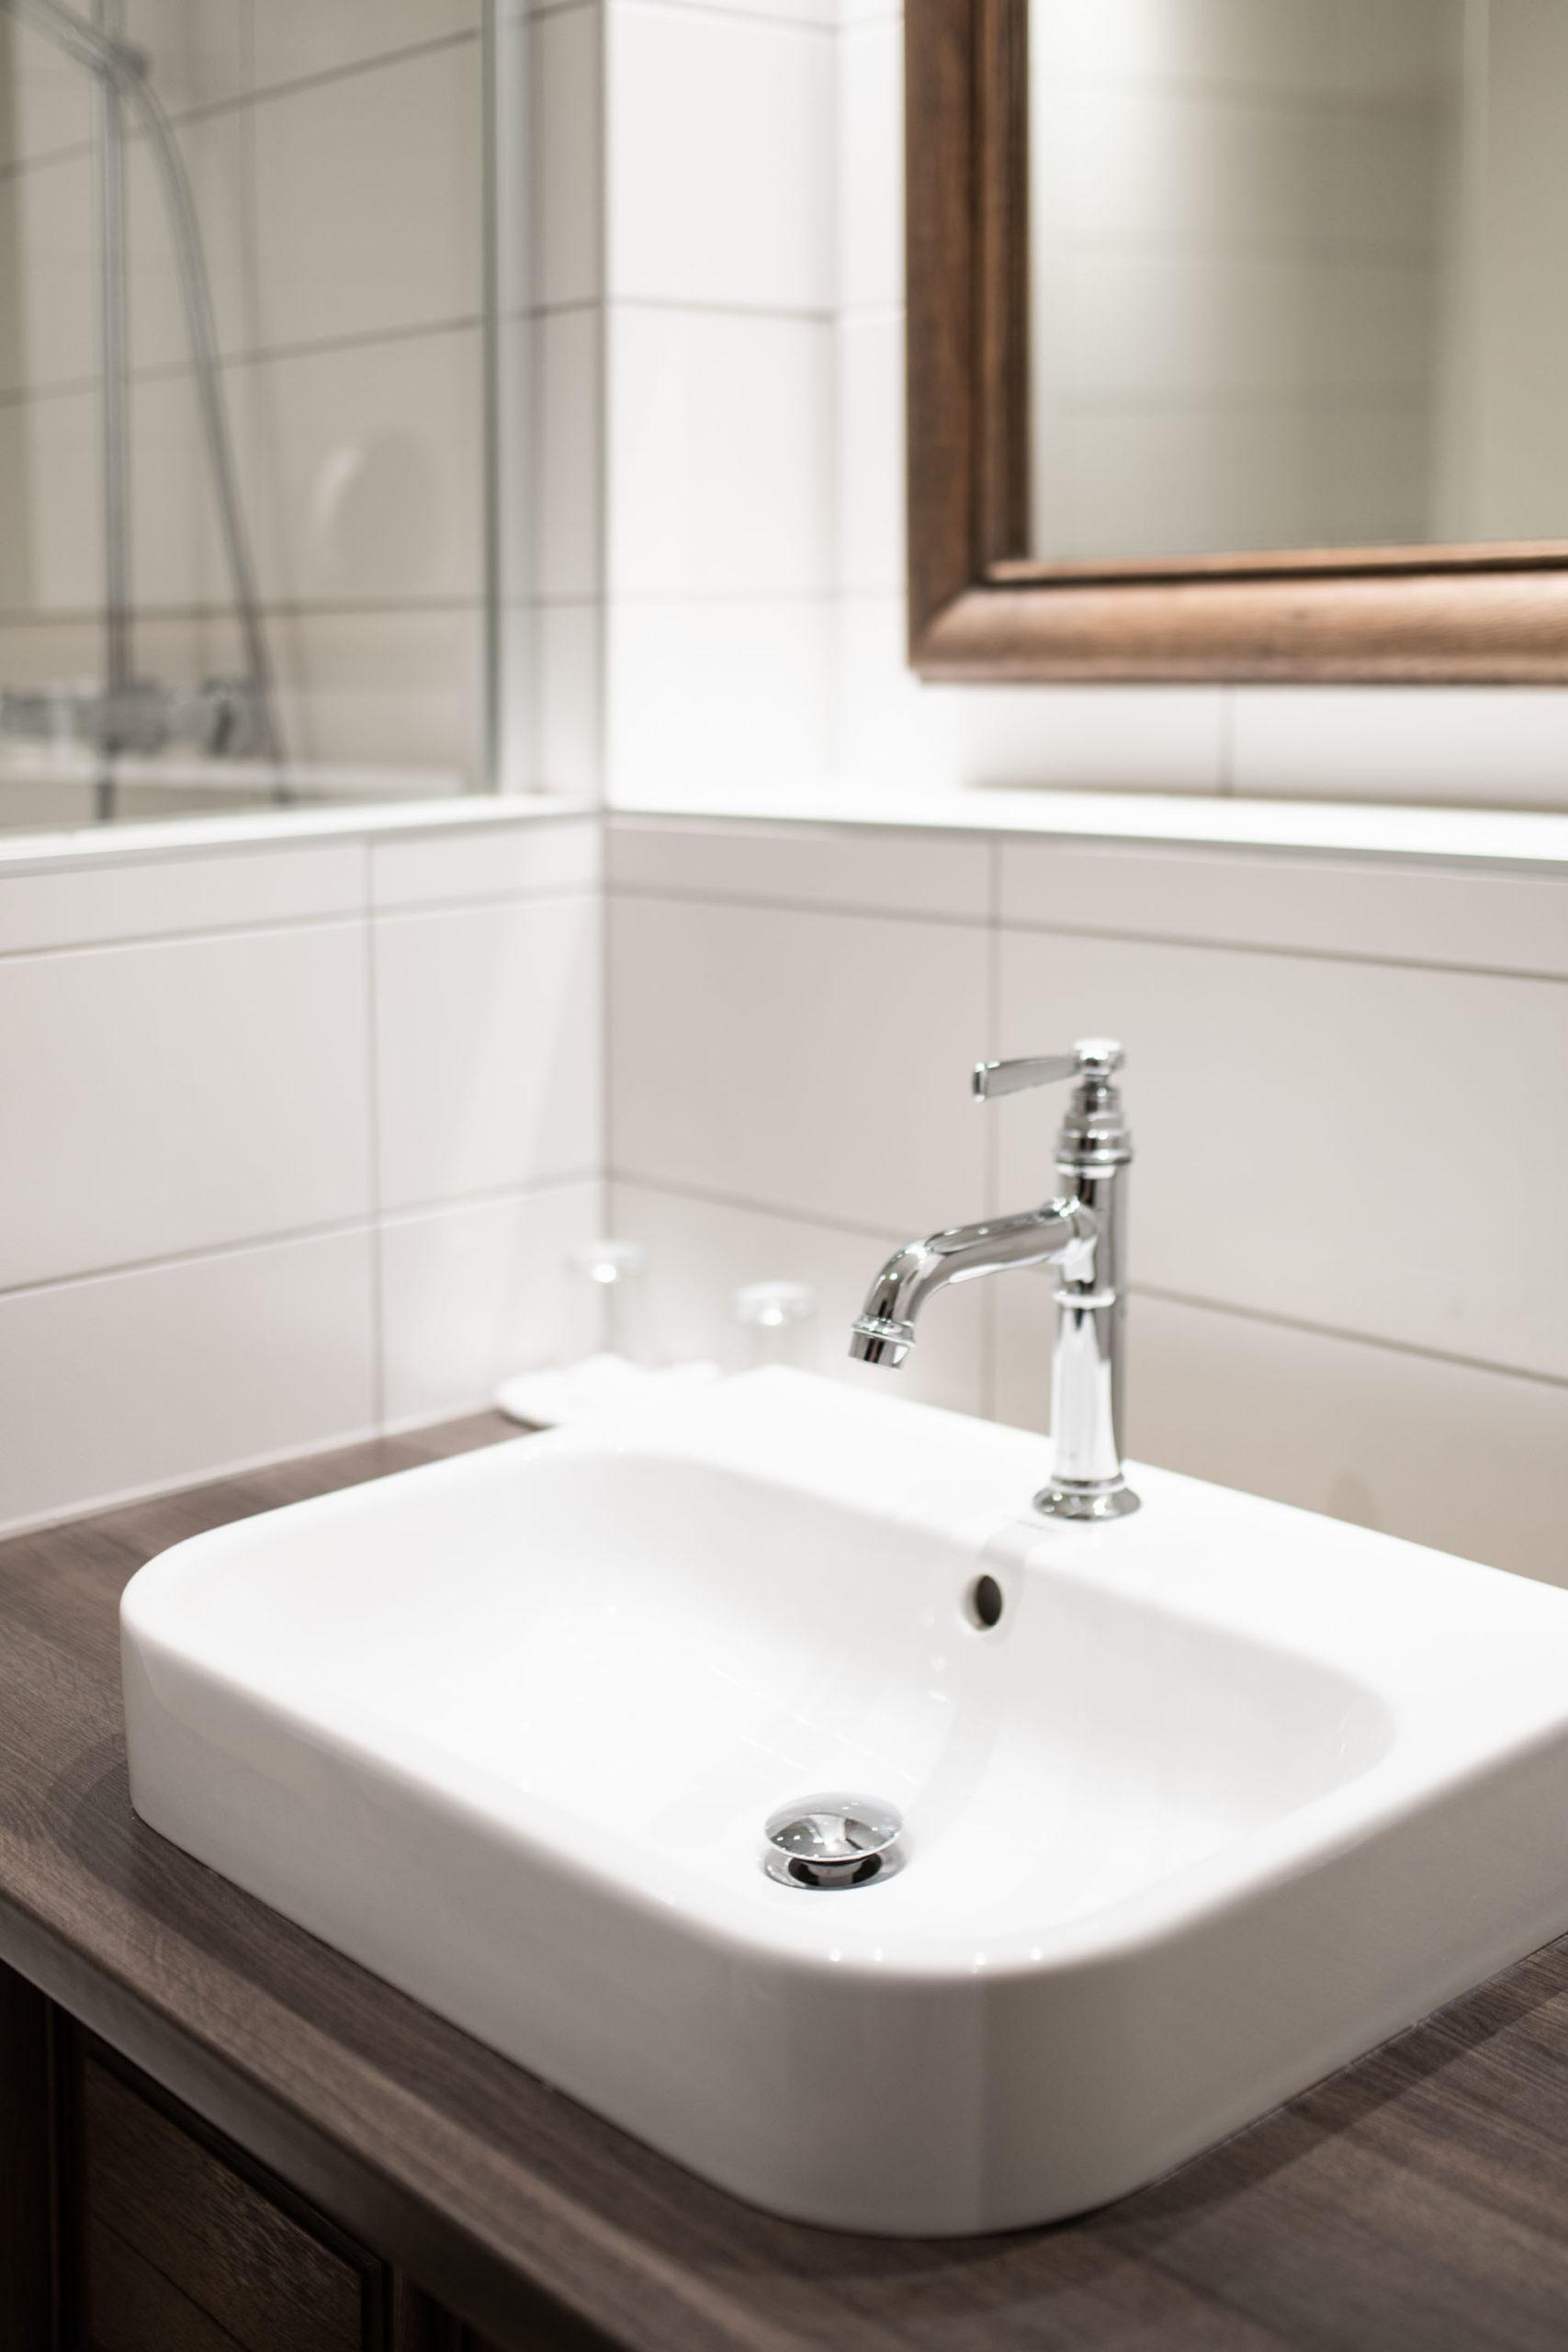 carrelage-lavabo-salle-de-bains-chateau-de-coudree-pereira-carrelage